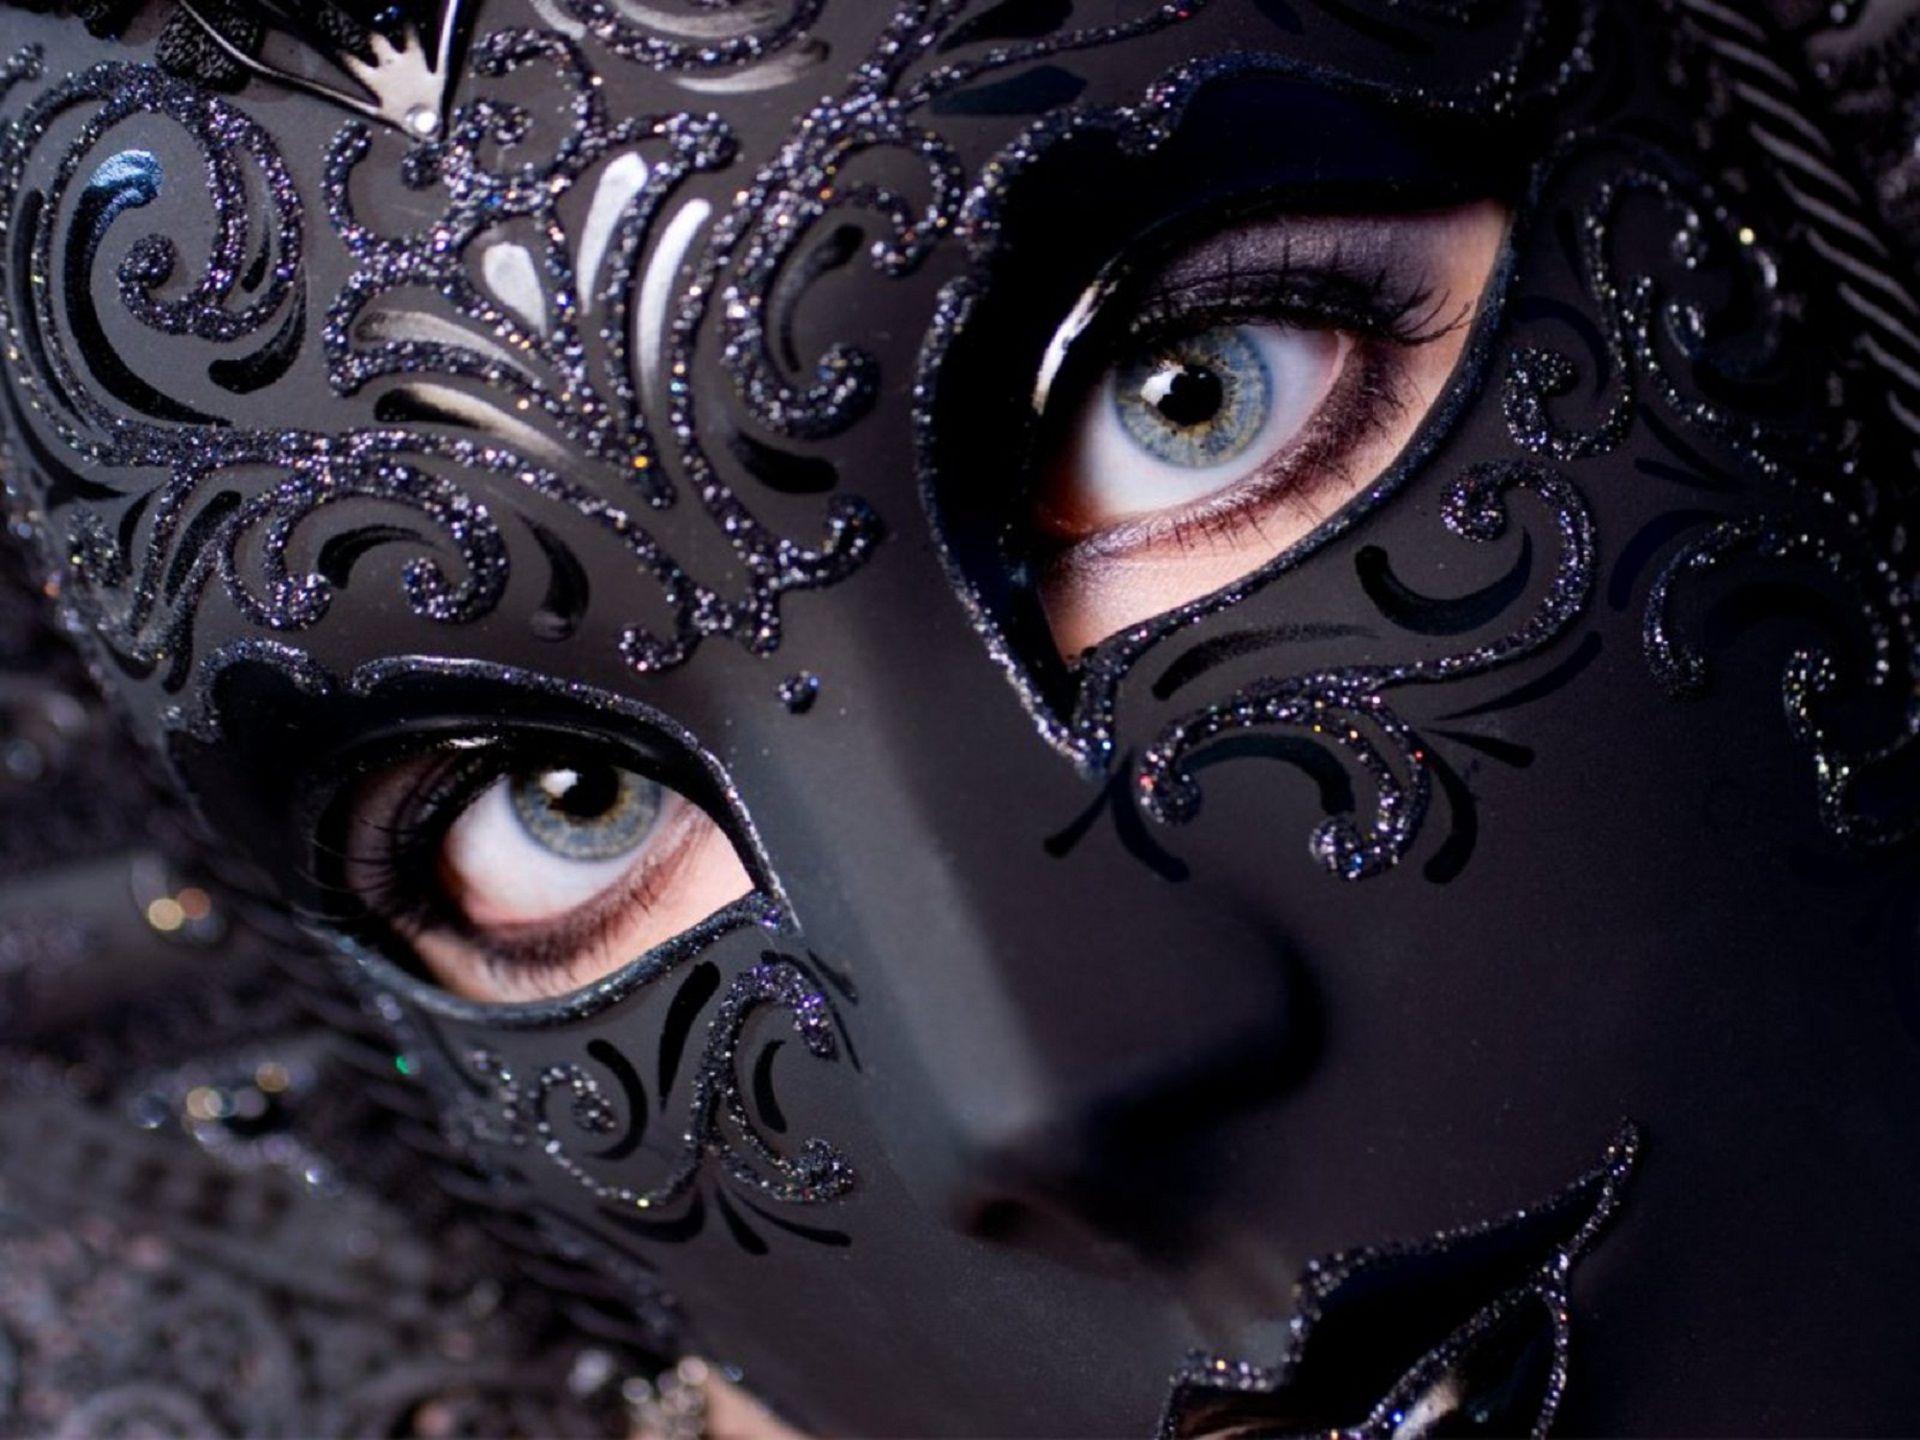 Pin By Lisa Dang On Fashion Black Masquerade Mask Masks Masquerade Photo Mask